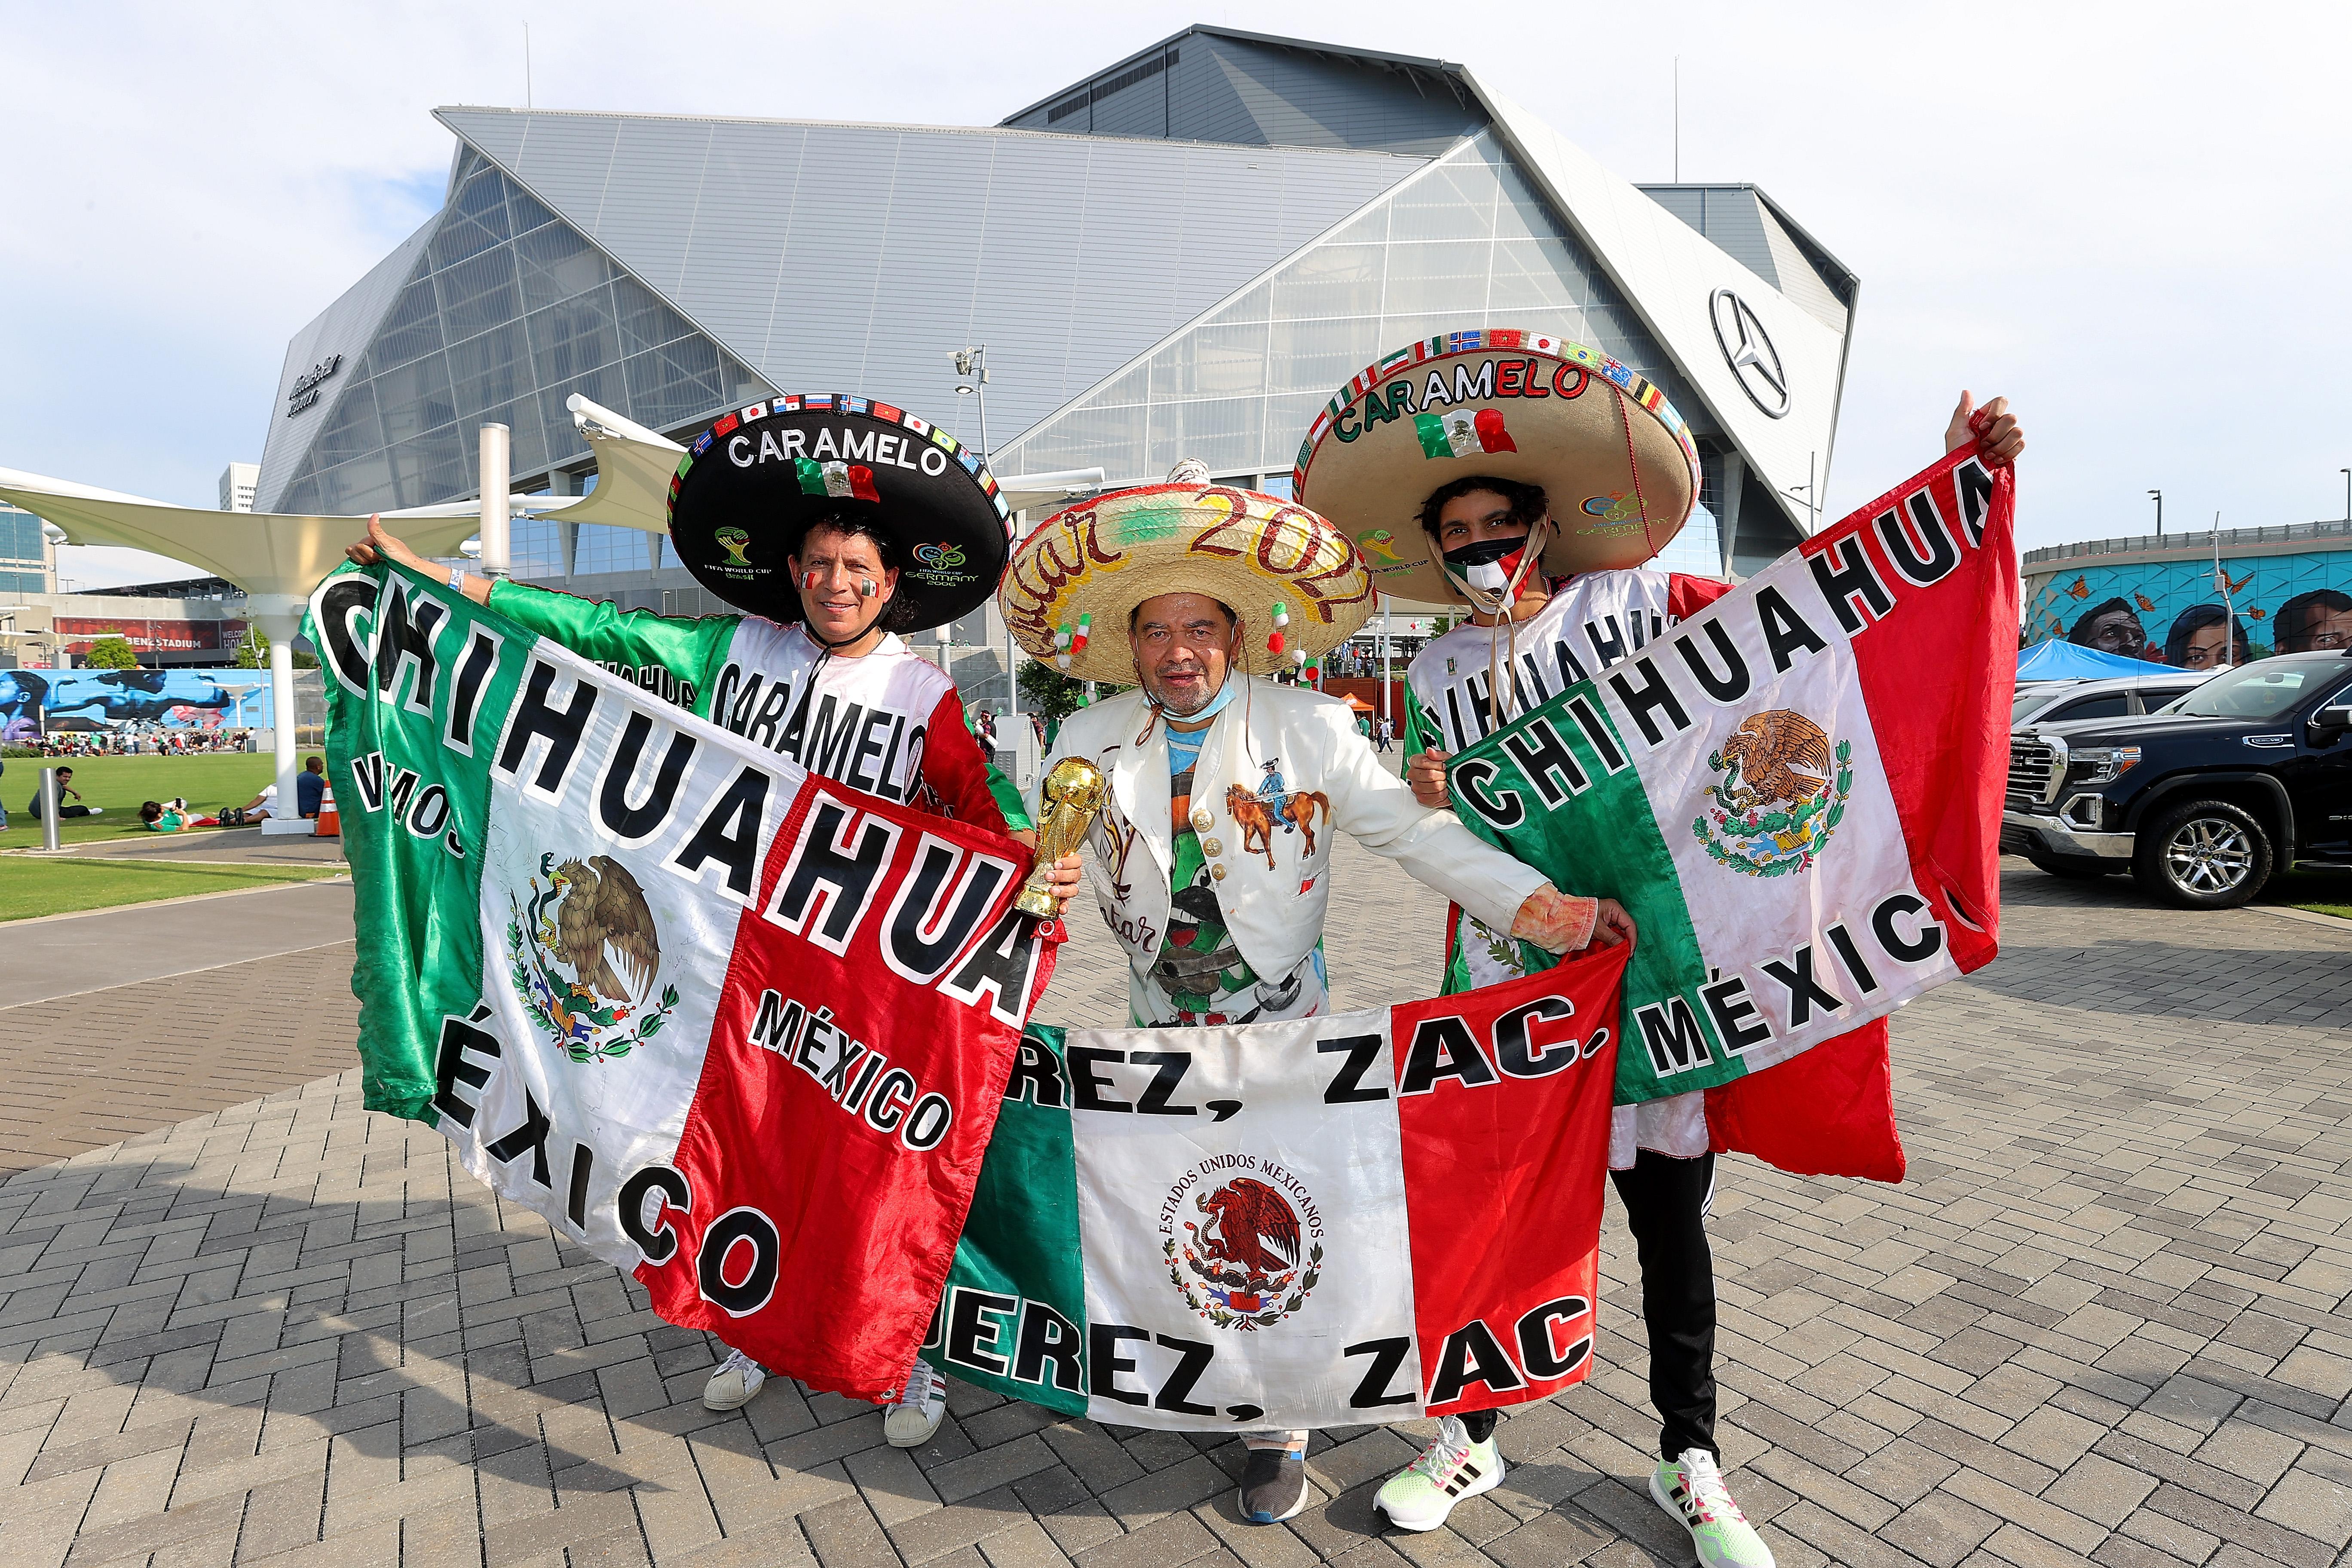 Honduras v Mexico